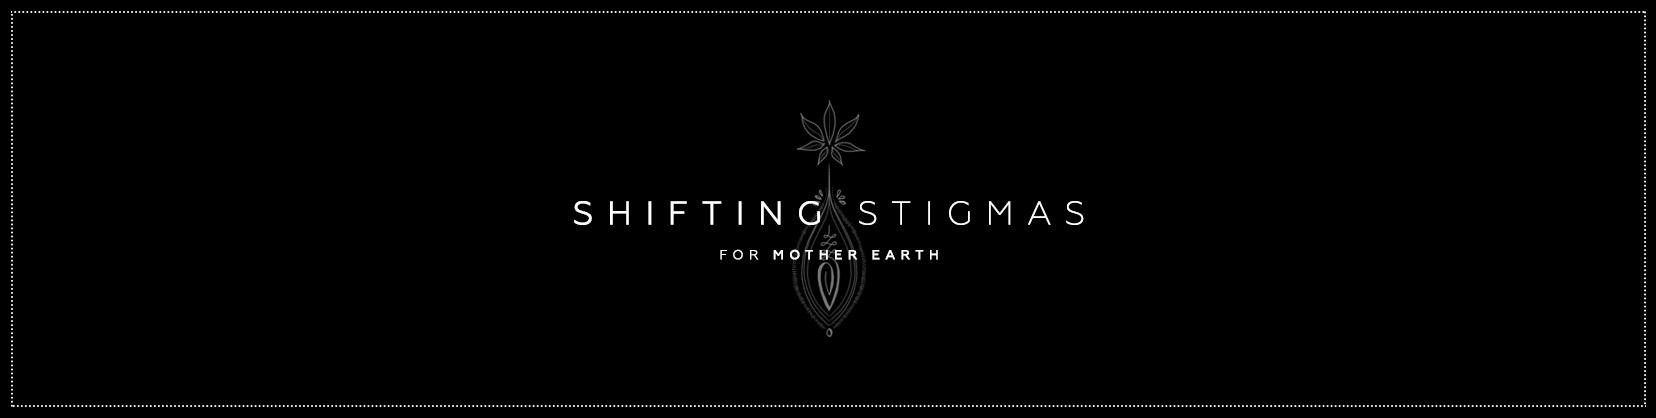 Shifting-Stigmas-Black-1